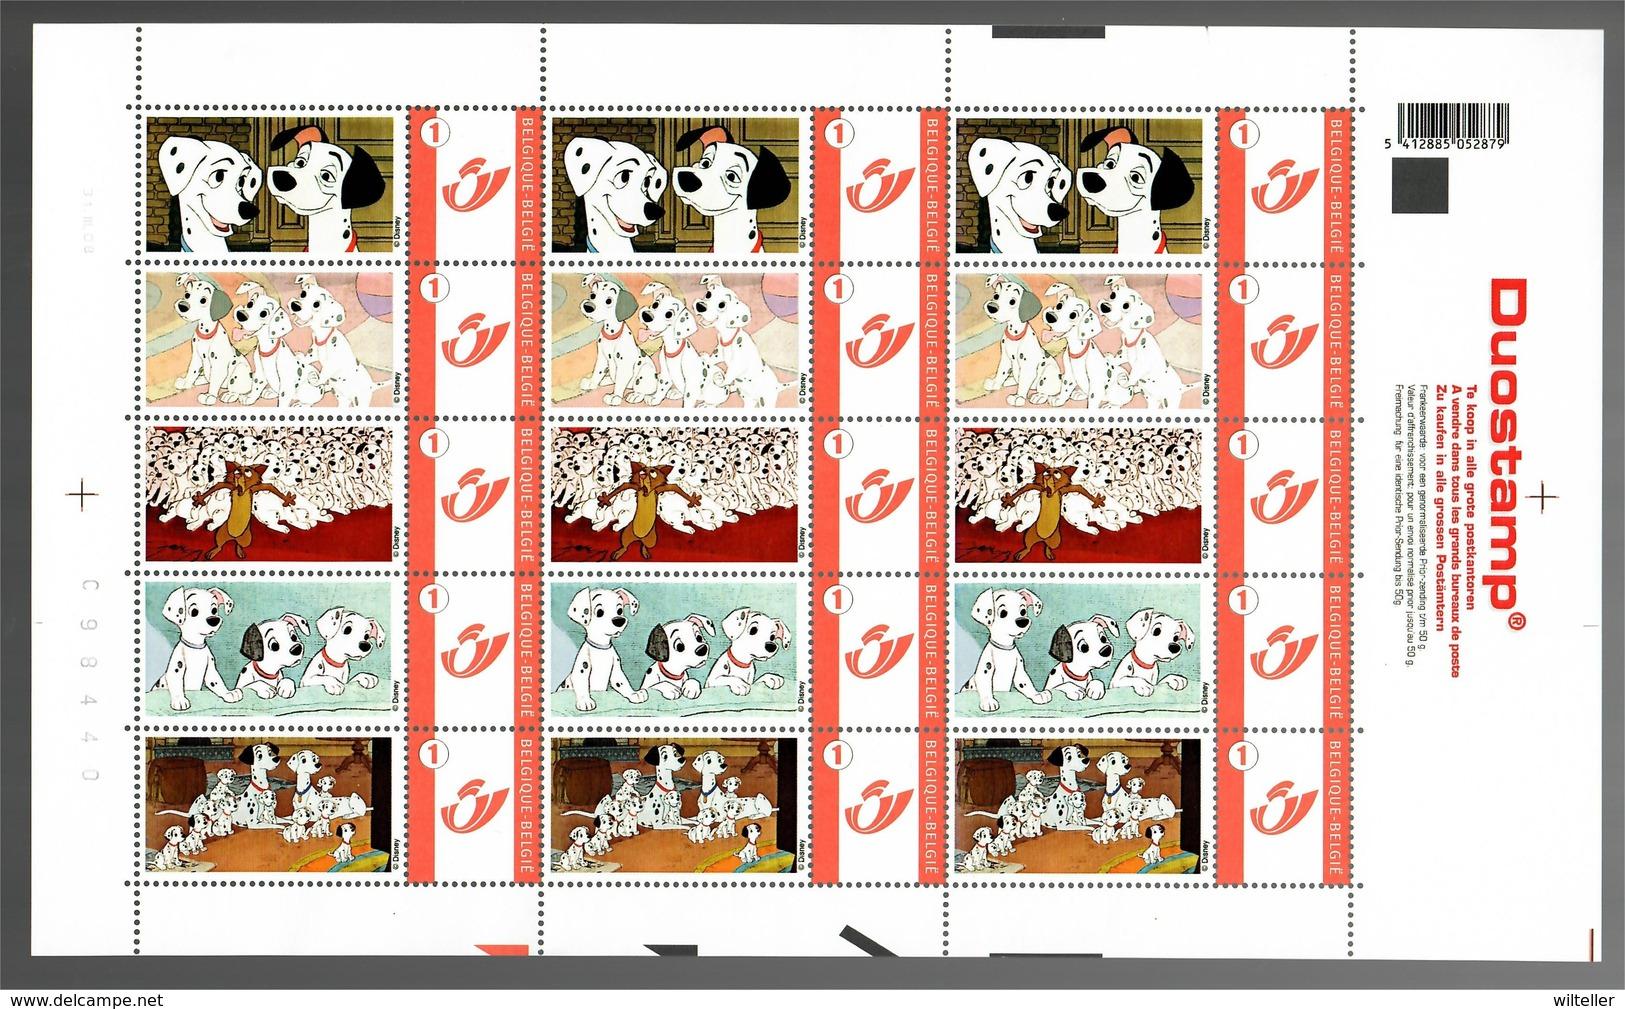 België/Belgique Duostamp 2008 Disney 101 Dalmatiens - Feuilles Complètes